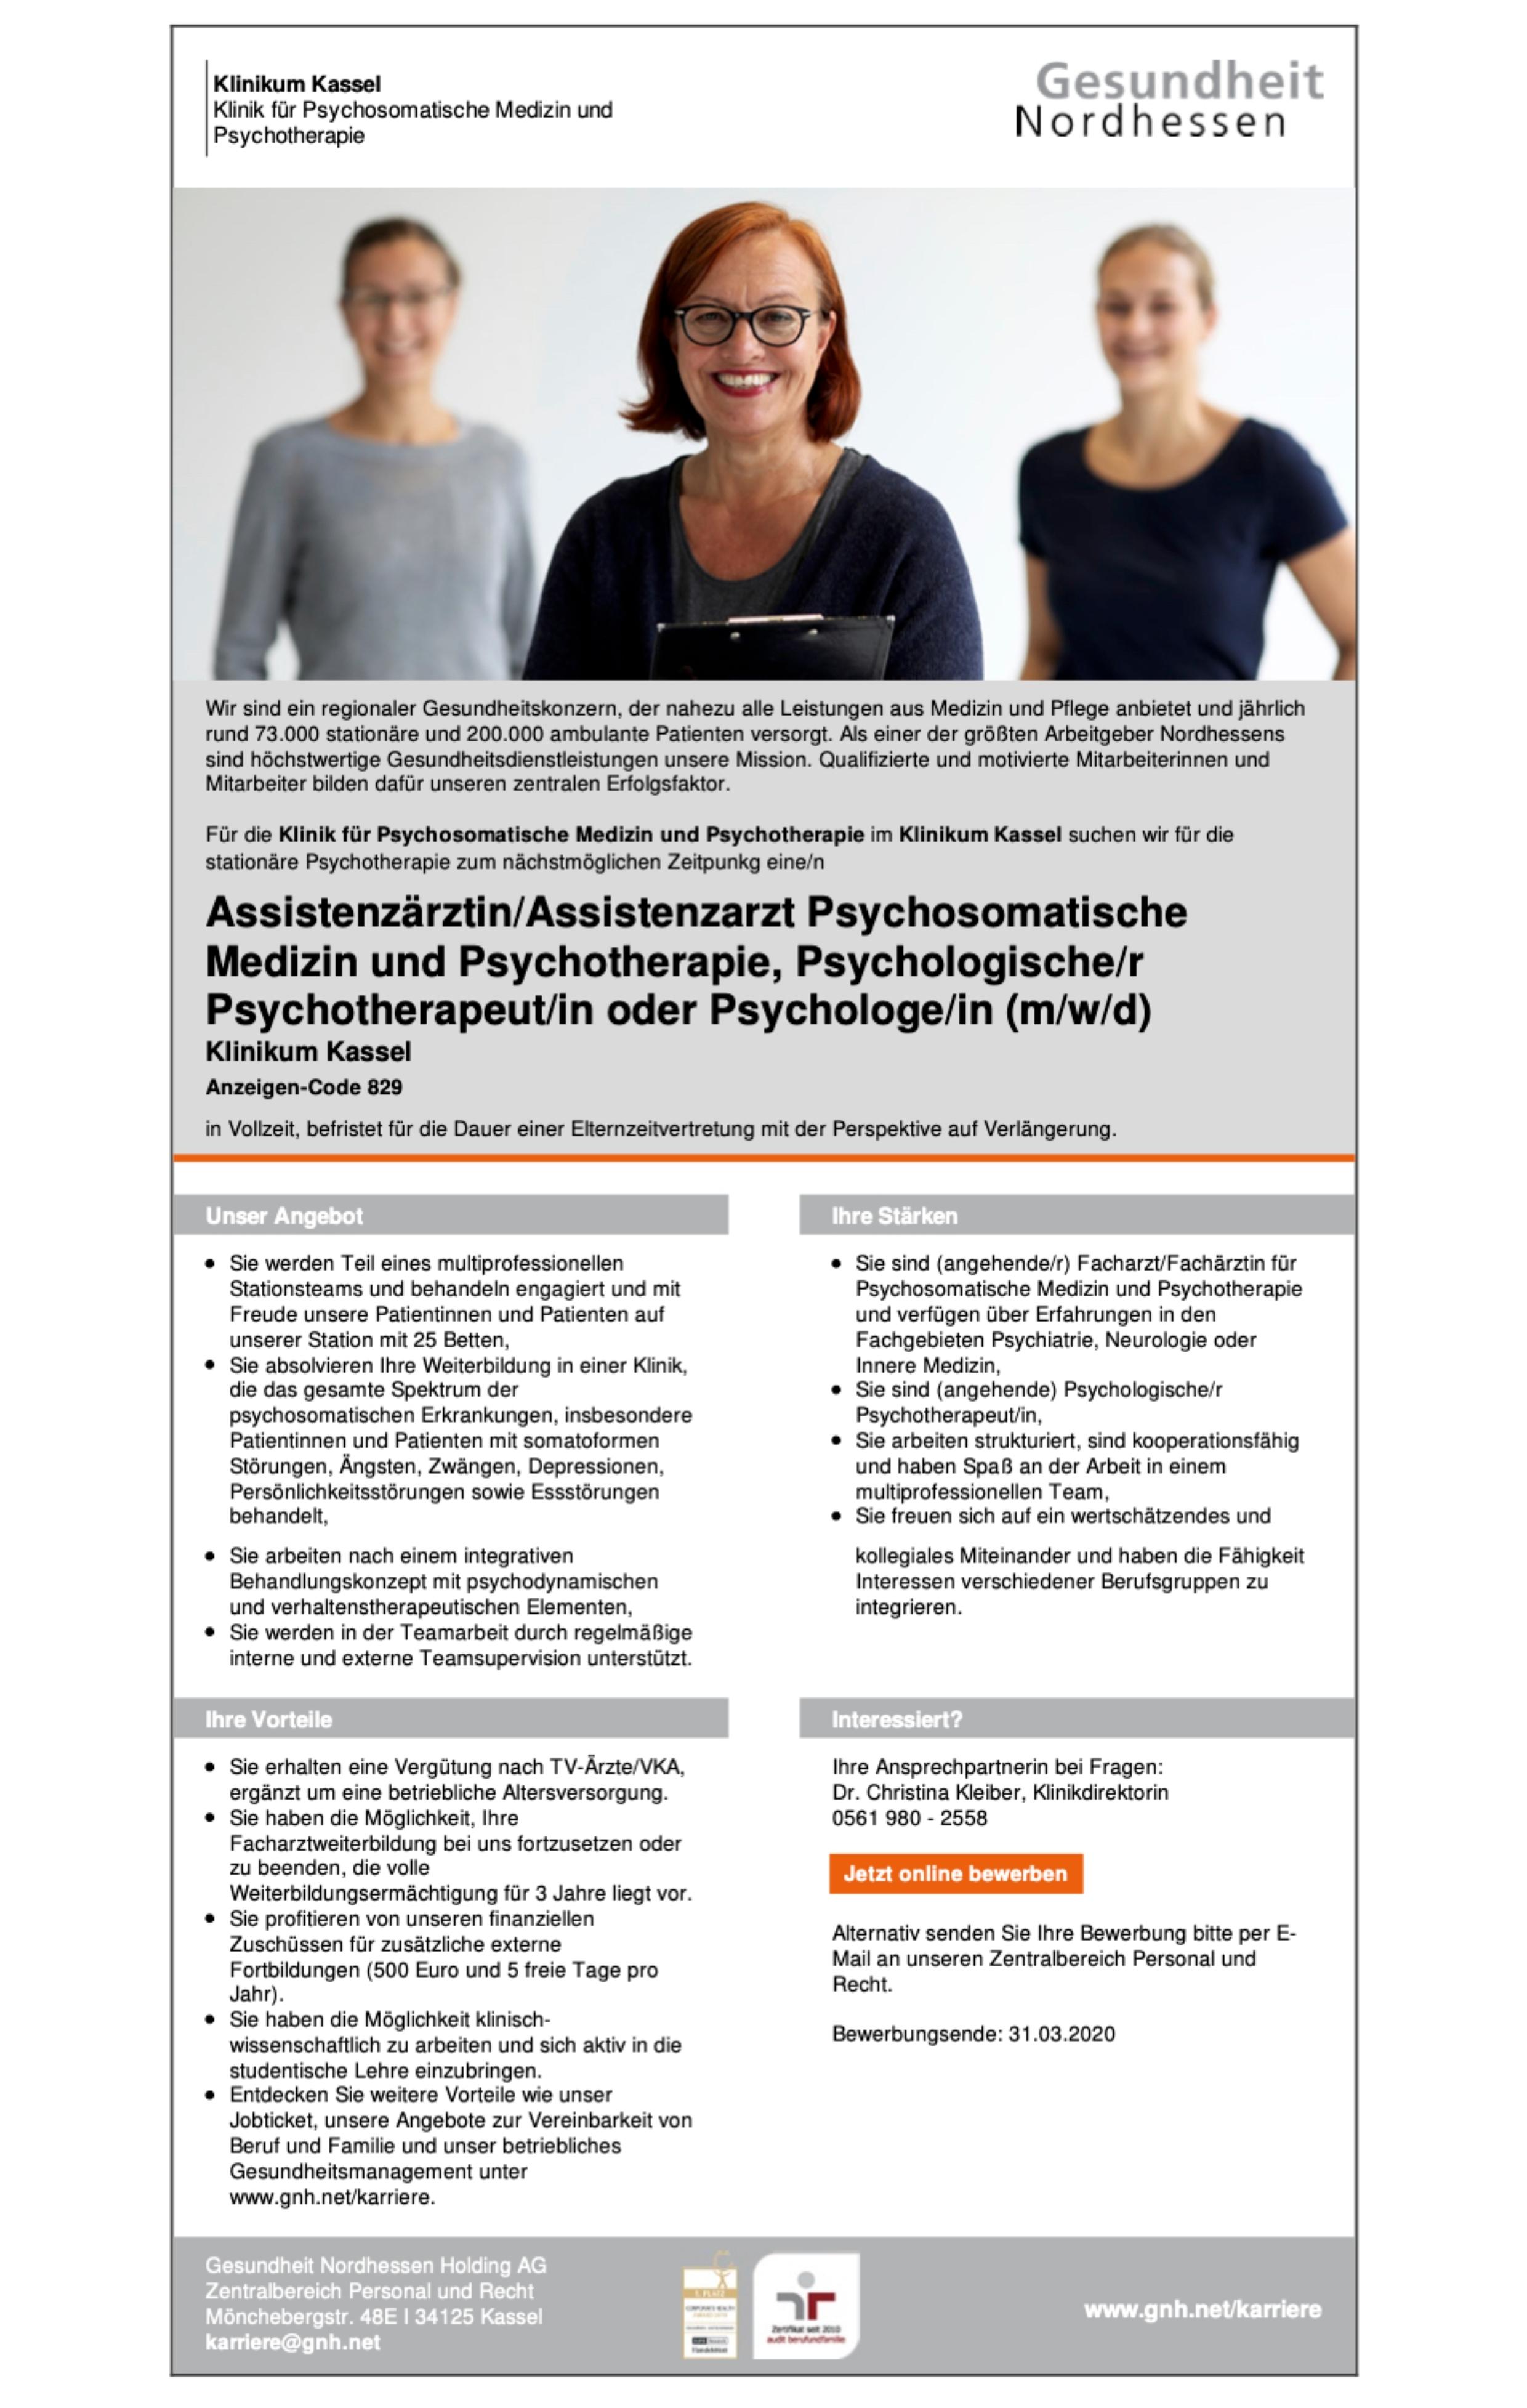 Assistenzärztin/Assistenzarzt Psychosomatische Medizin und Psychotherapie, Psychologische/r Psychotherapeut/in oder Psychologe/in (m/w/d)